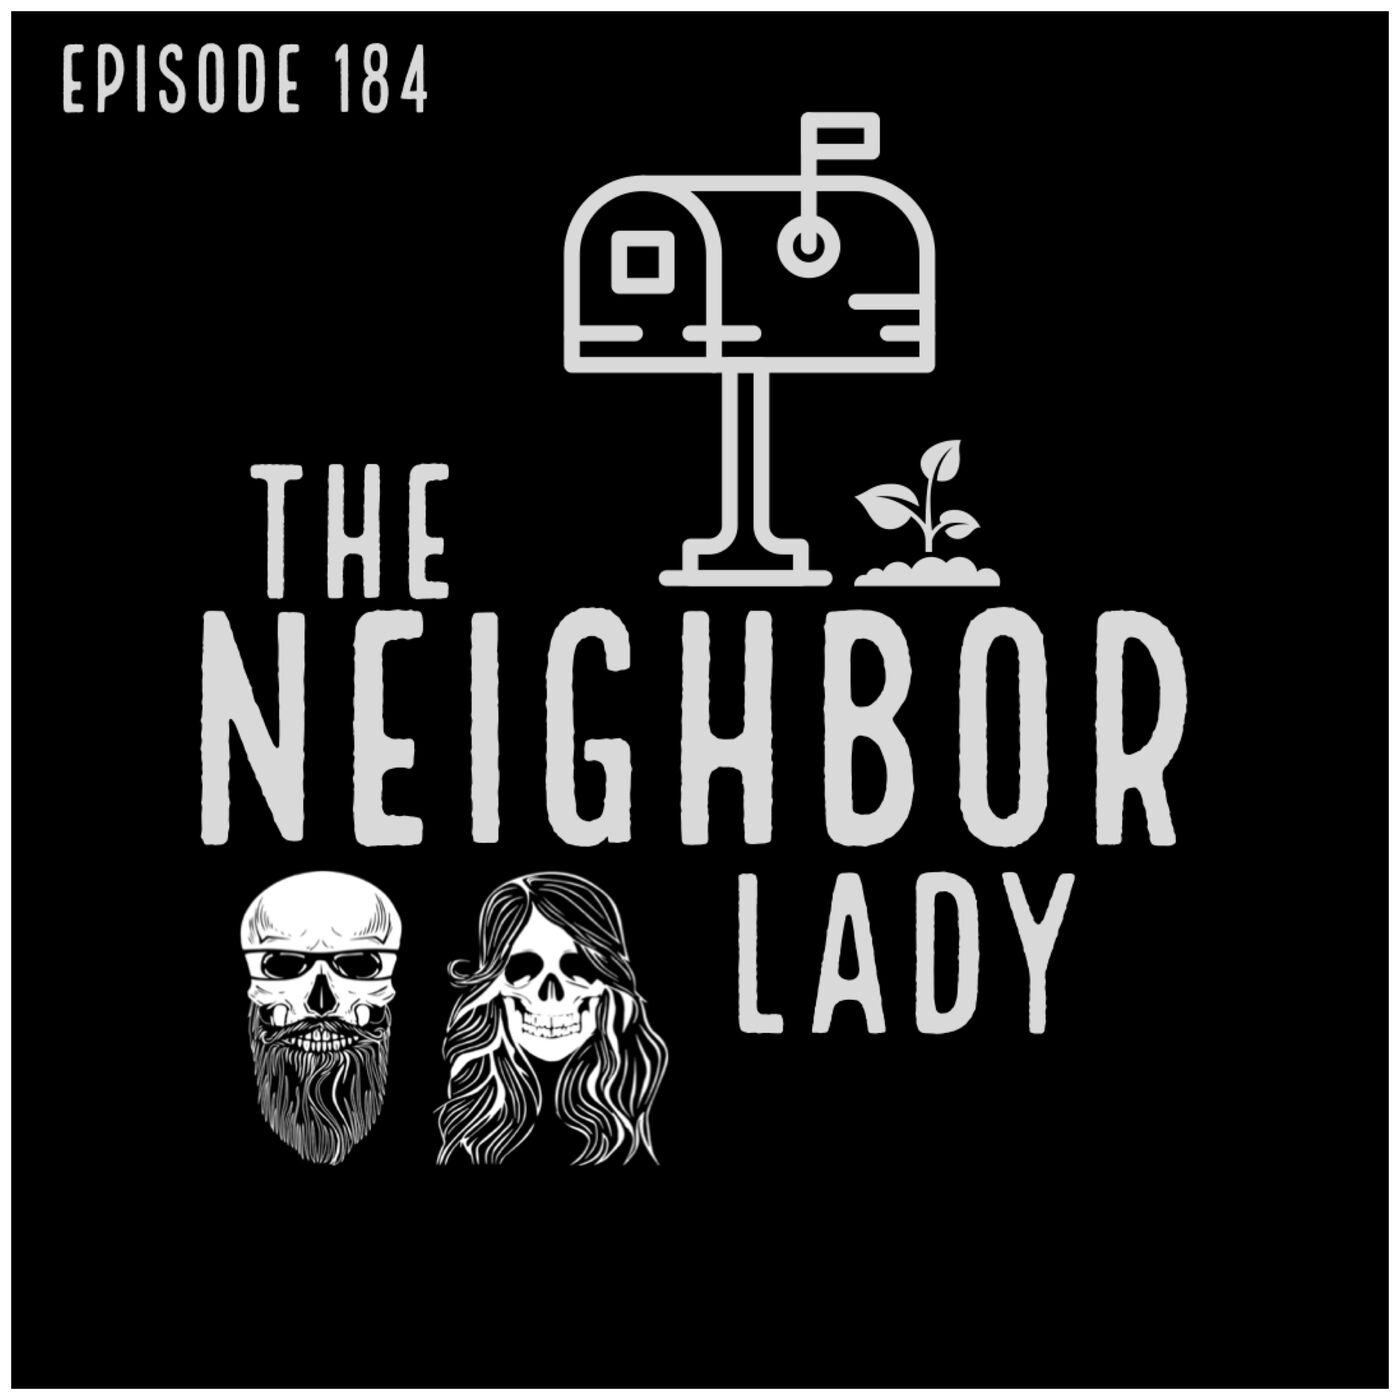 Episode 184: The Neighbor Lady